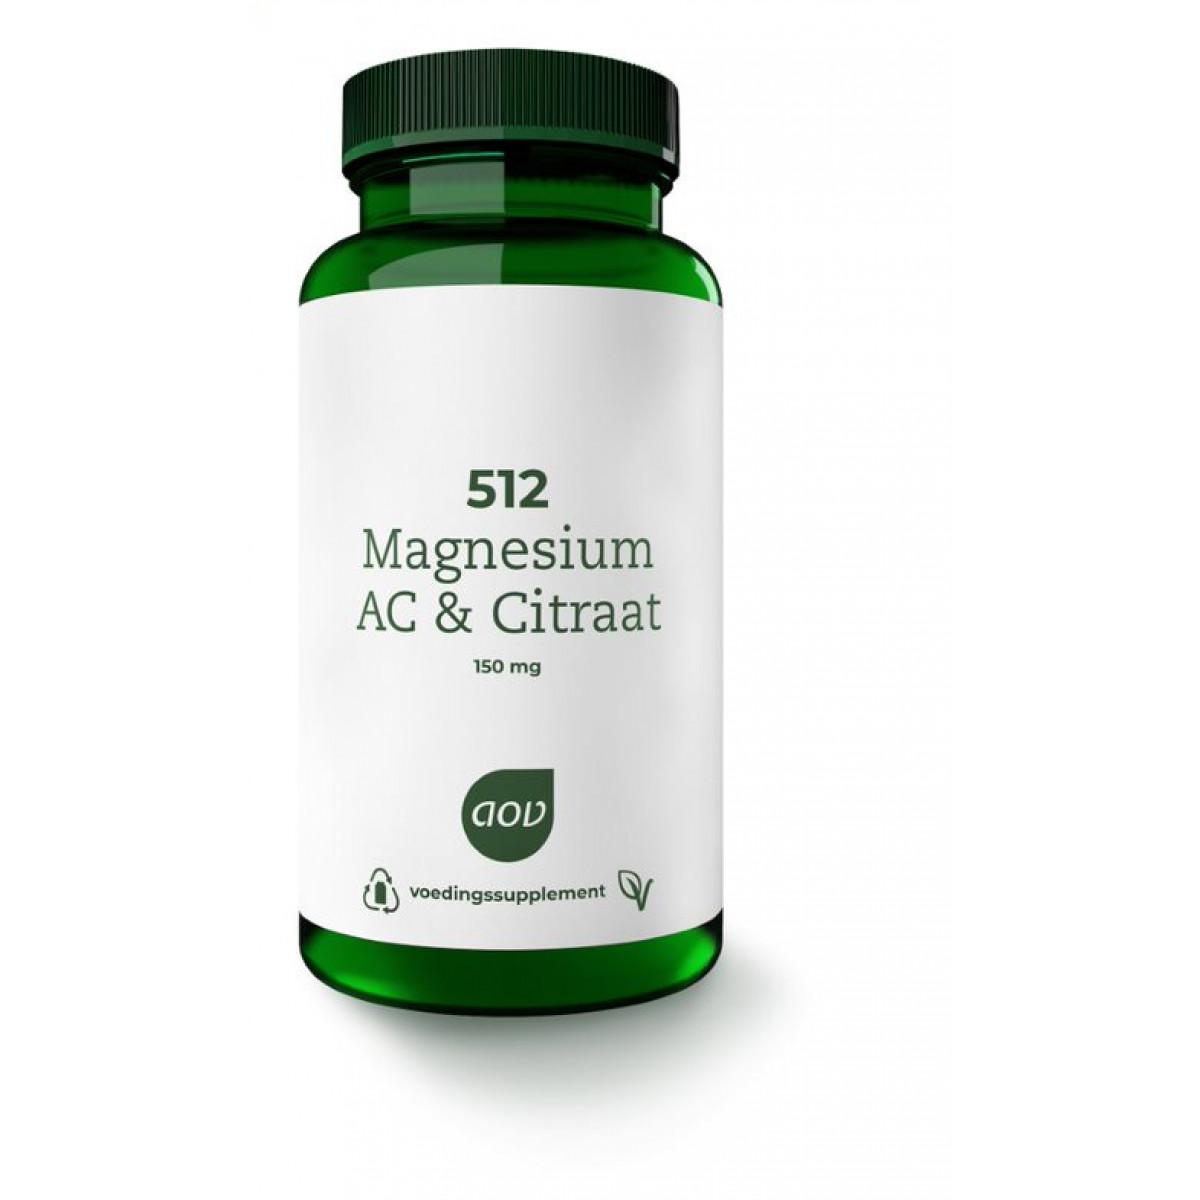 512 Magnesium AC Citraat